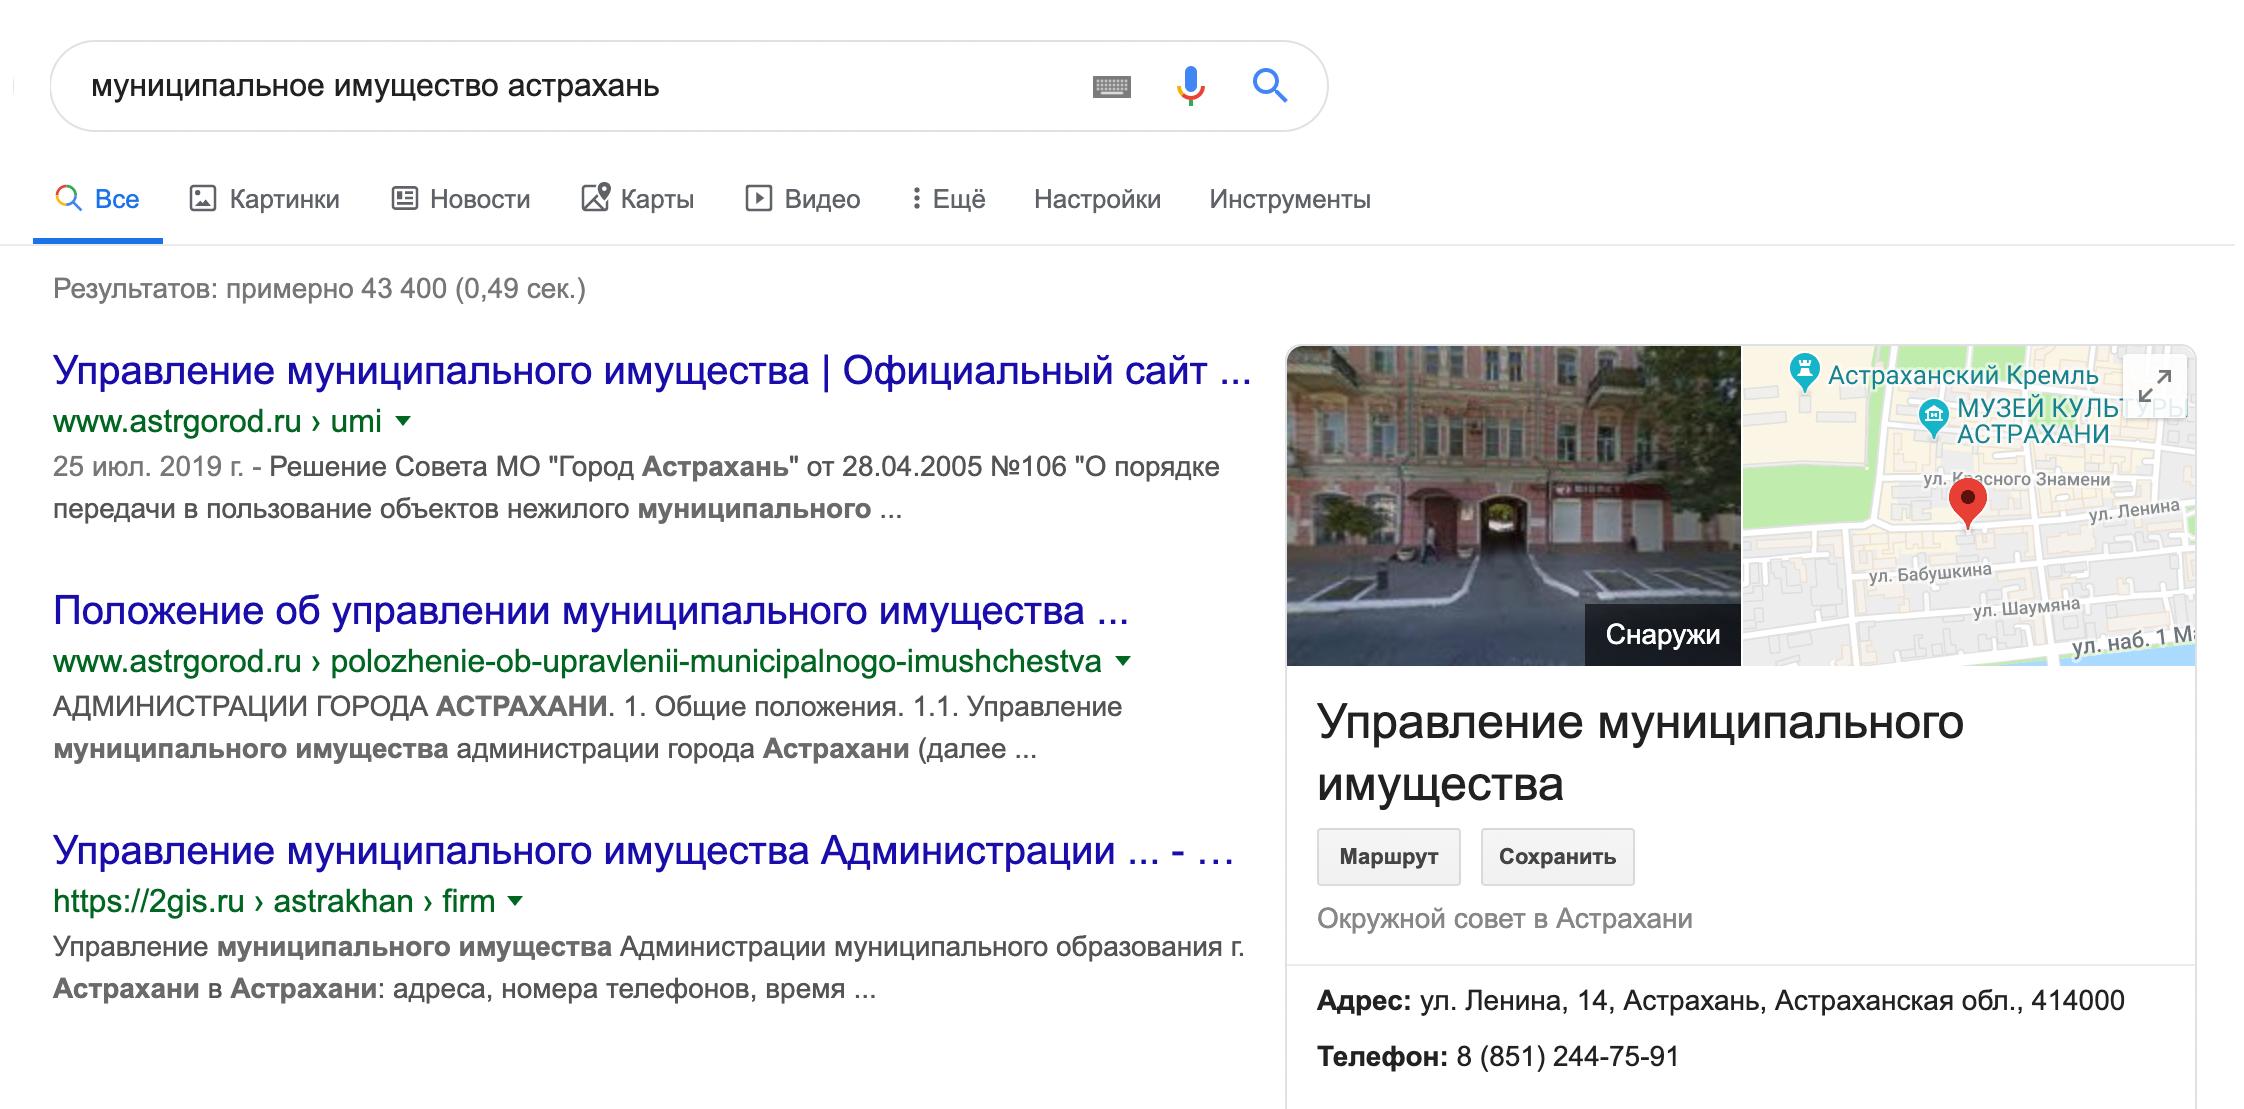 Например, в Астрахани нужная организация называется «Управление муниципального имущества». Сайты по закону есть у всех таких органов в России. Иногда эти сайты заброшены и не обновляются, но контакты там есть — а вам только они и нужны